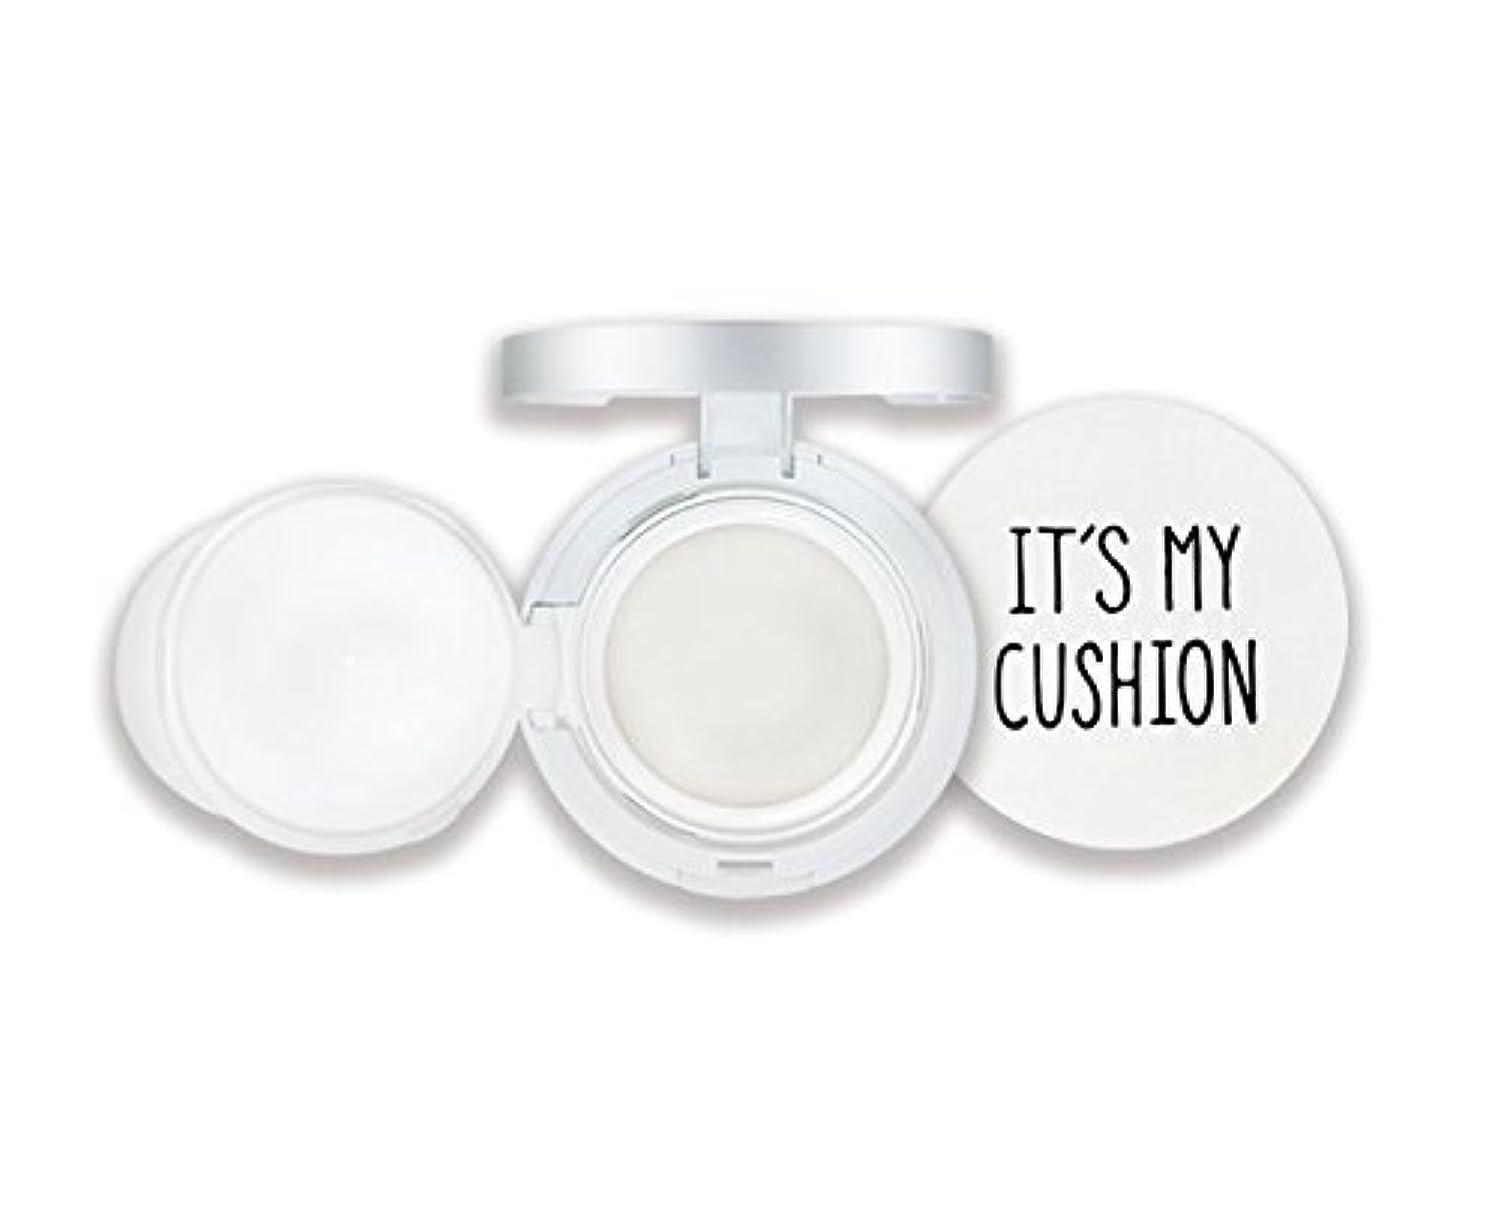 災害予測子ネストIts My Cushion ケース DIY BB クッションパクト コスメティックケース スポンジ付き、 内部ケース、 自分で作るコスメティックケース (クッションケー スカラー : White Case) [並行輸入品]